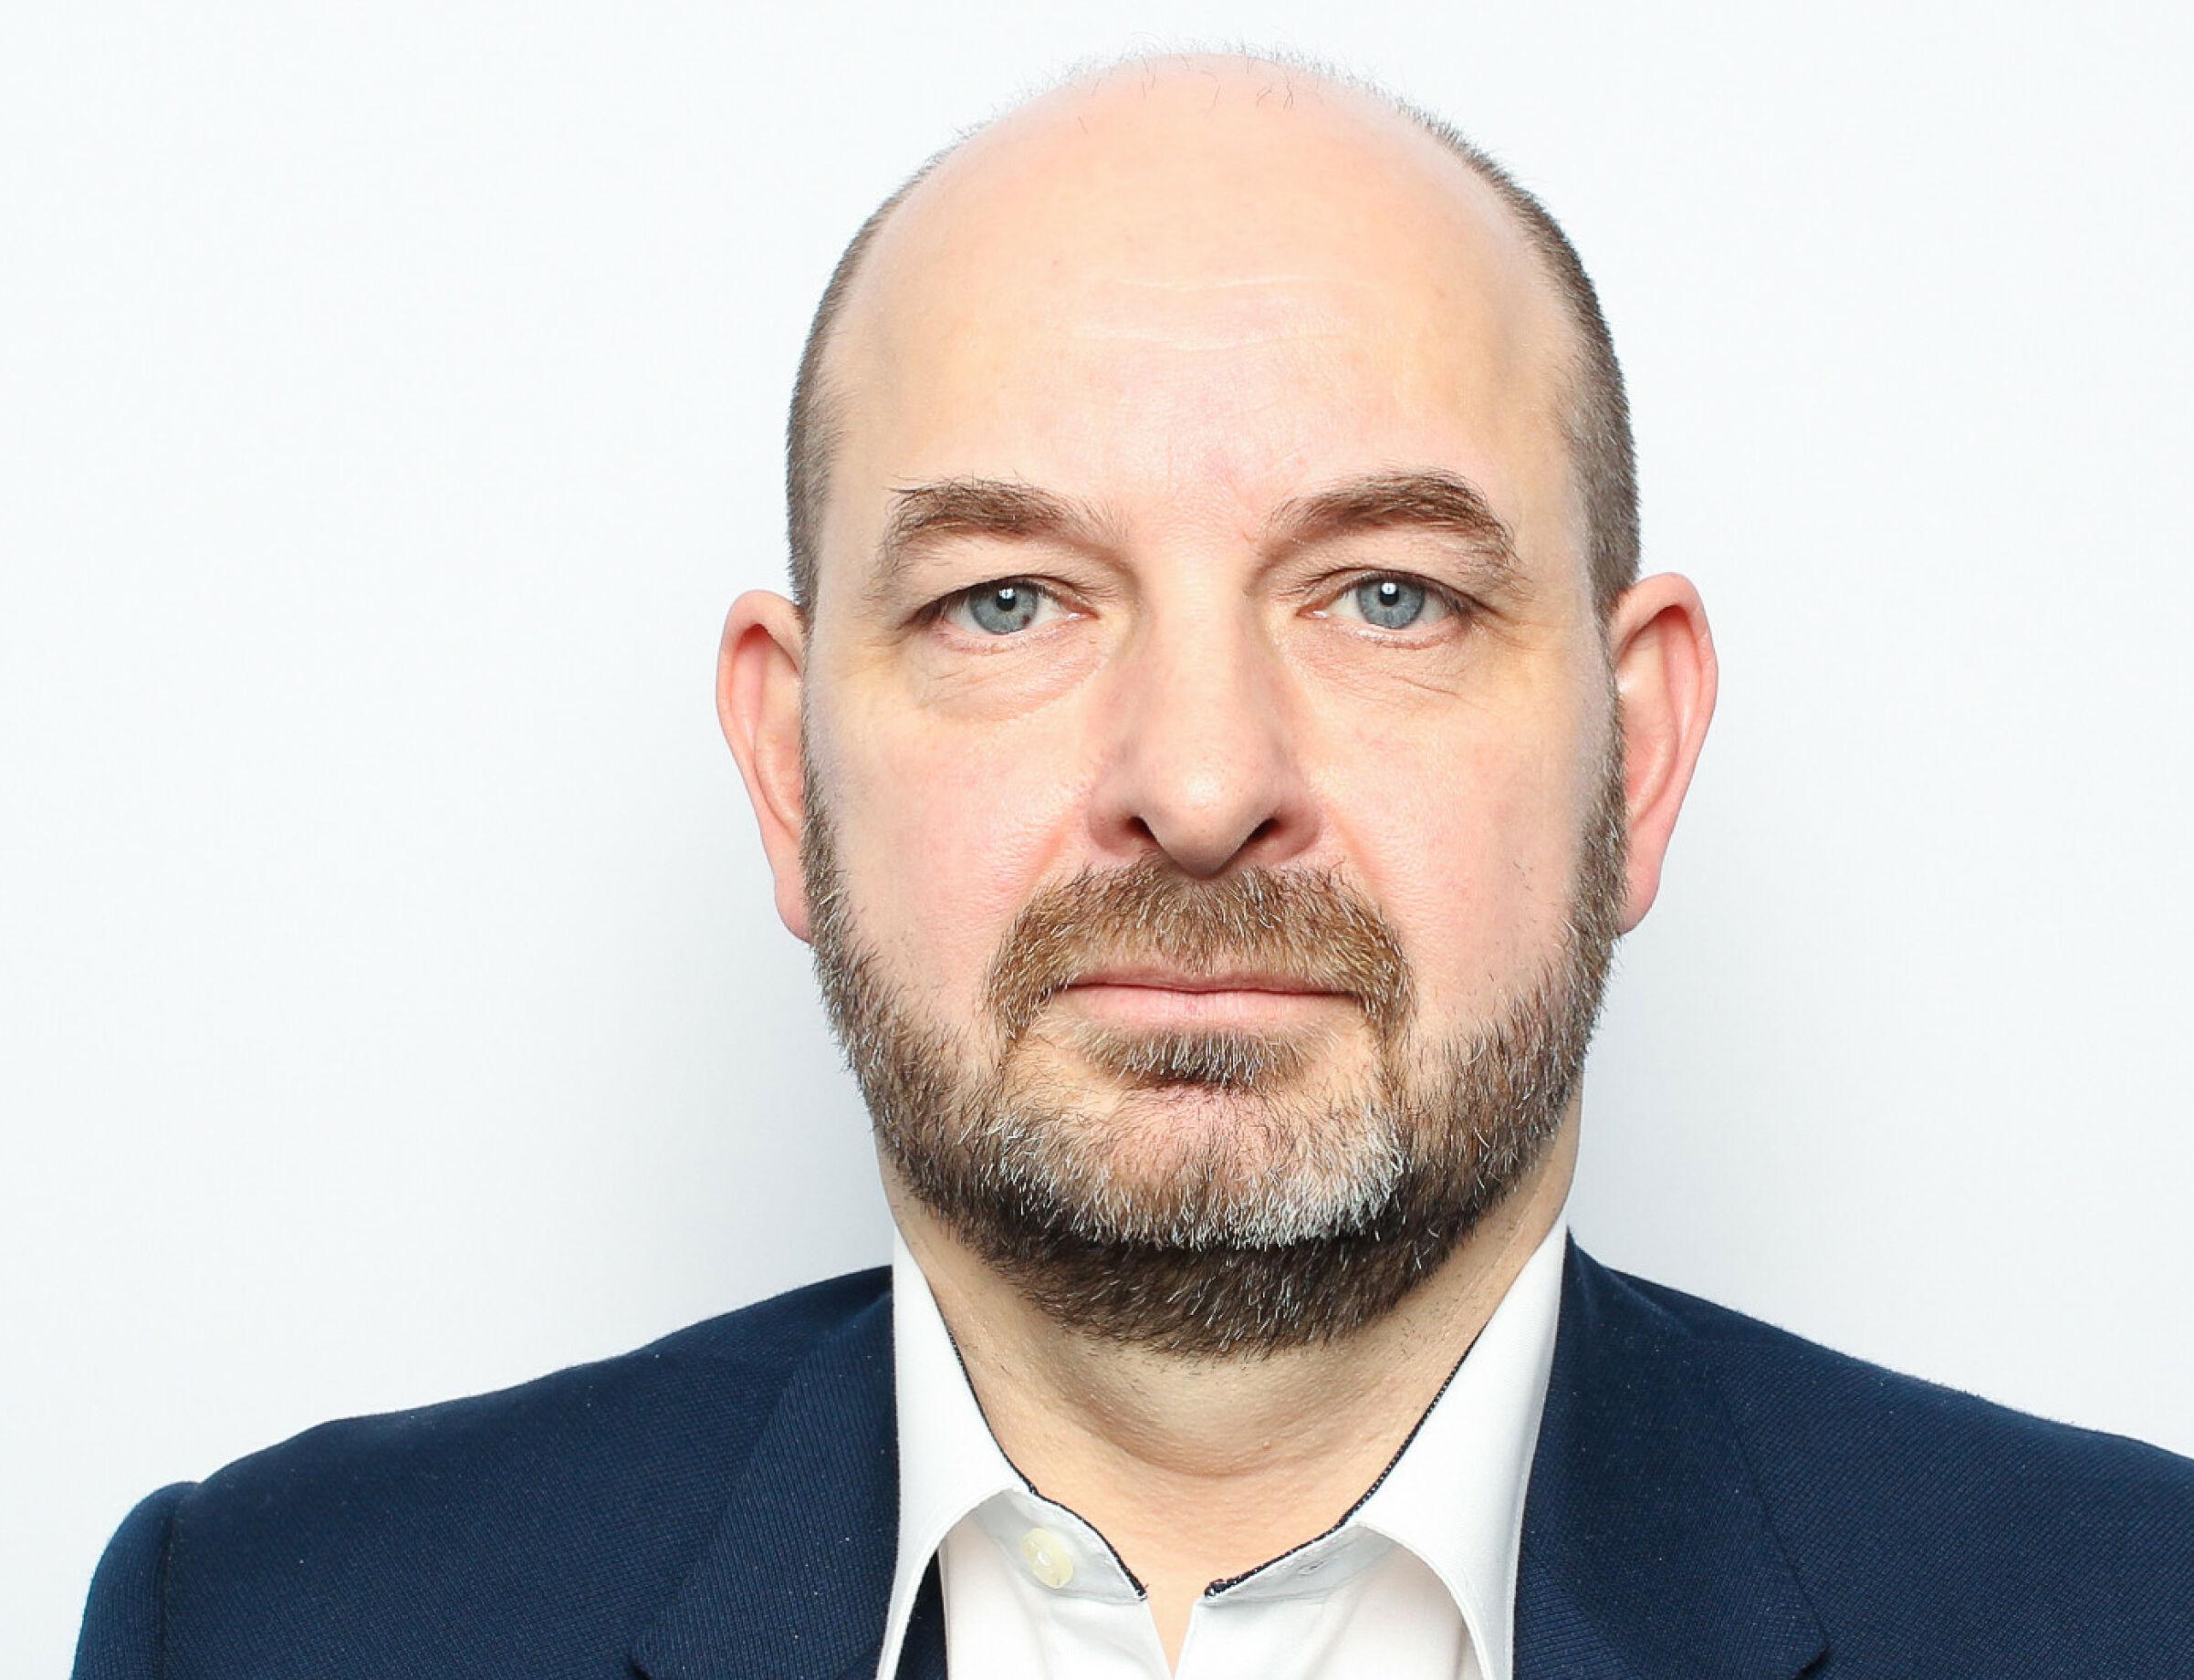 FORTVILER: Kyrre Martin Roald Strand er leder for oppgjørsavdelingen til Fremtind, forsikringsselskapet til Sparebank 1 og DNB. Han mener alt for mange elbiler blir skrotet.